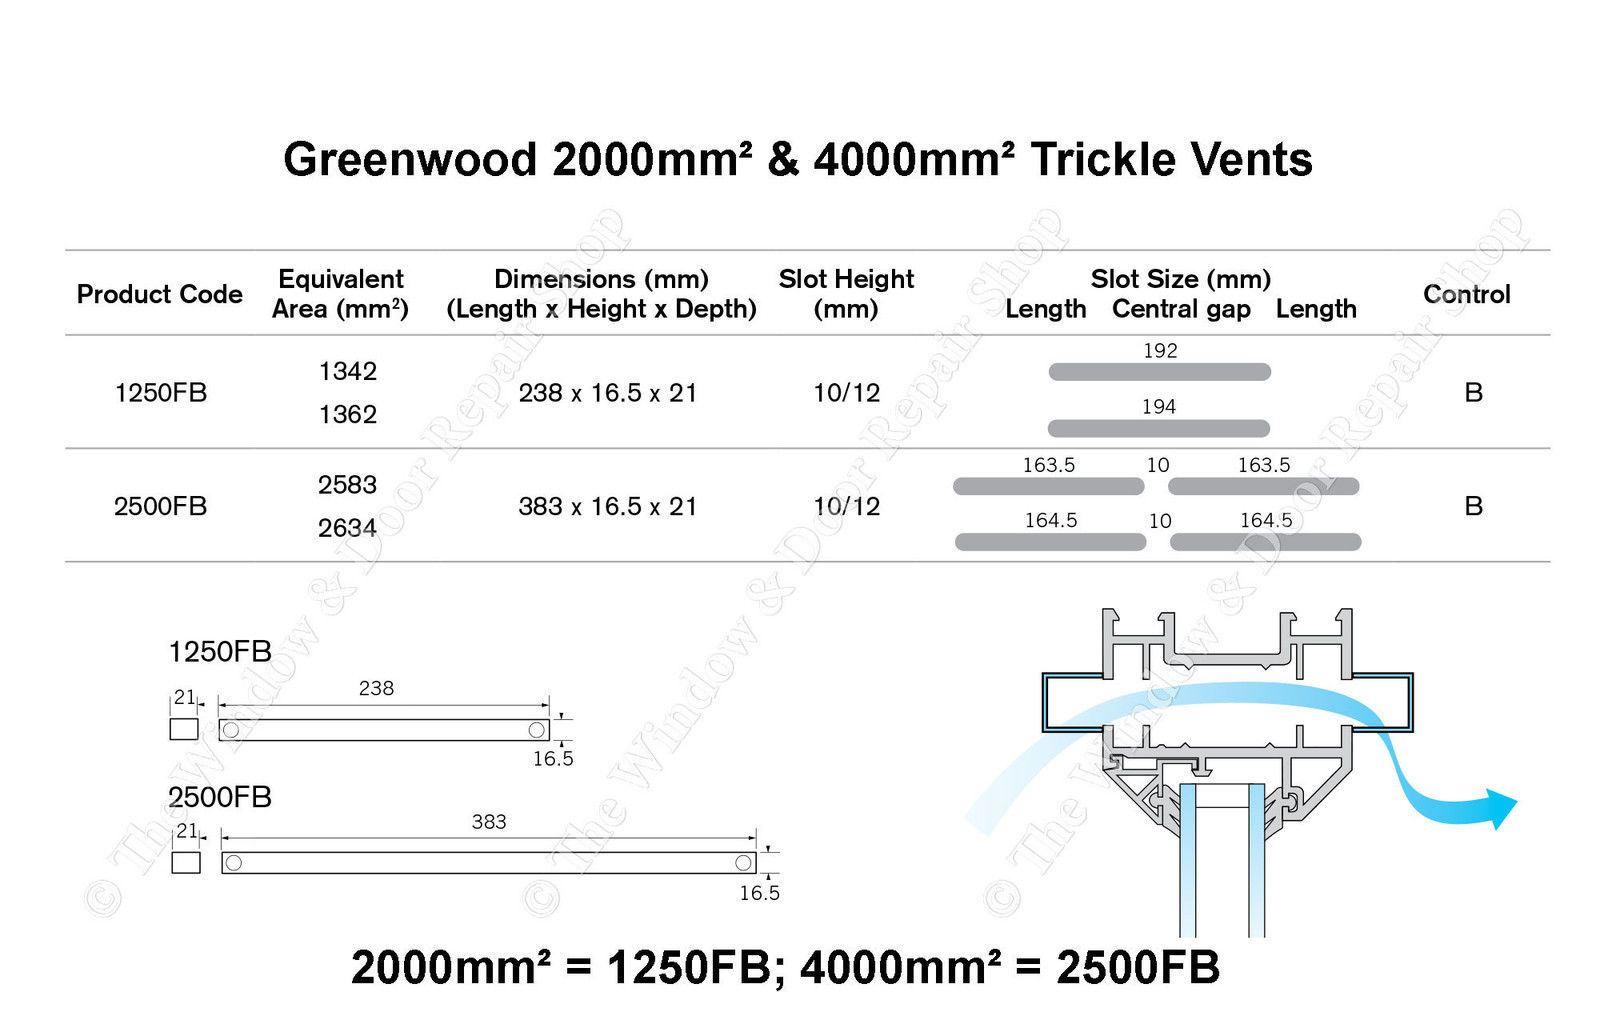 Greenwood slot vents